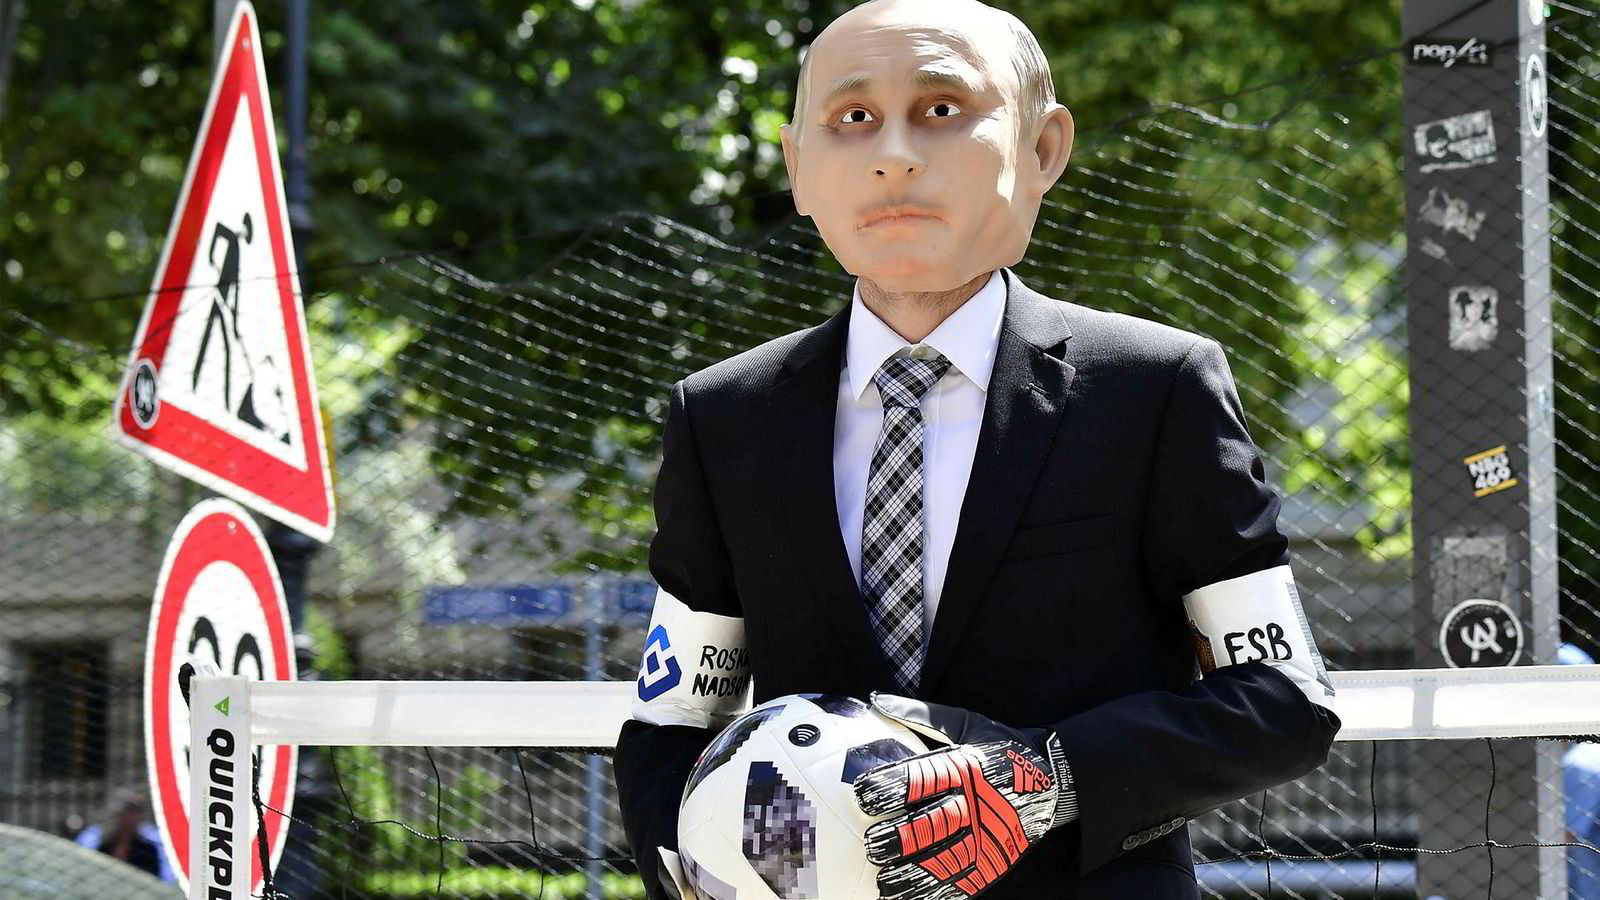 En demonstrant fra organisasjonen Reportere uten grenser har på seg en Vladimir Putin-maske foran den russiske ambassaden i Tyskland. Torsdag starter fotball-VM i Moskva.